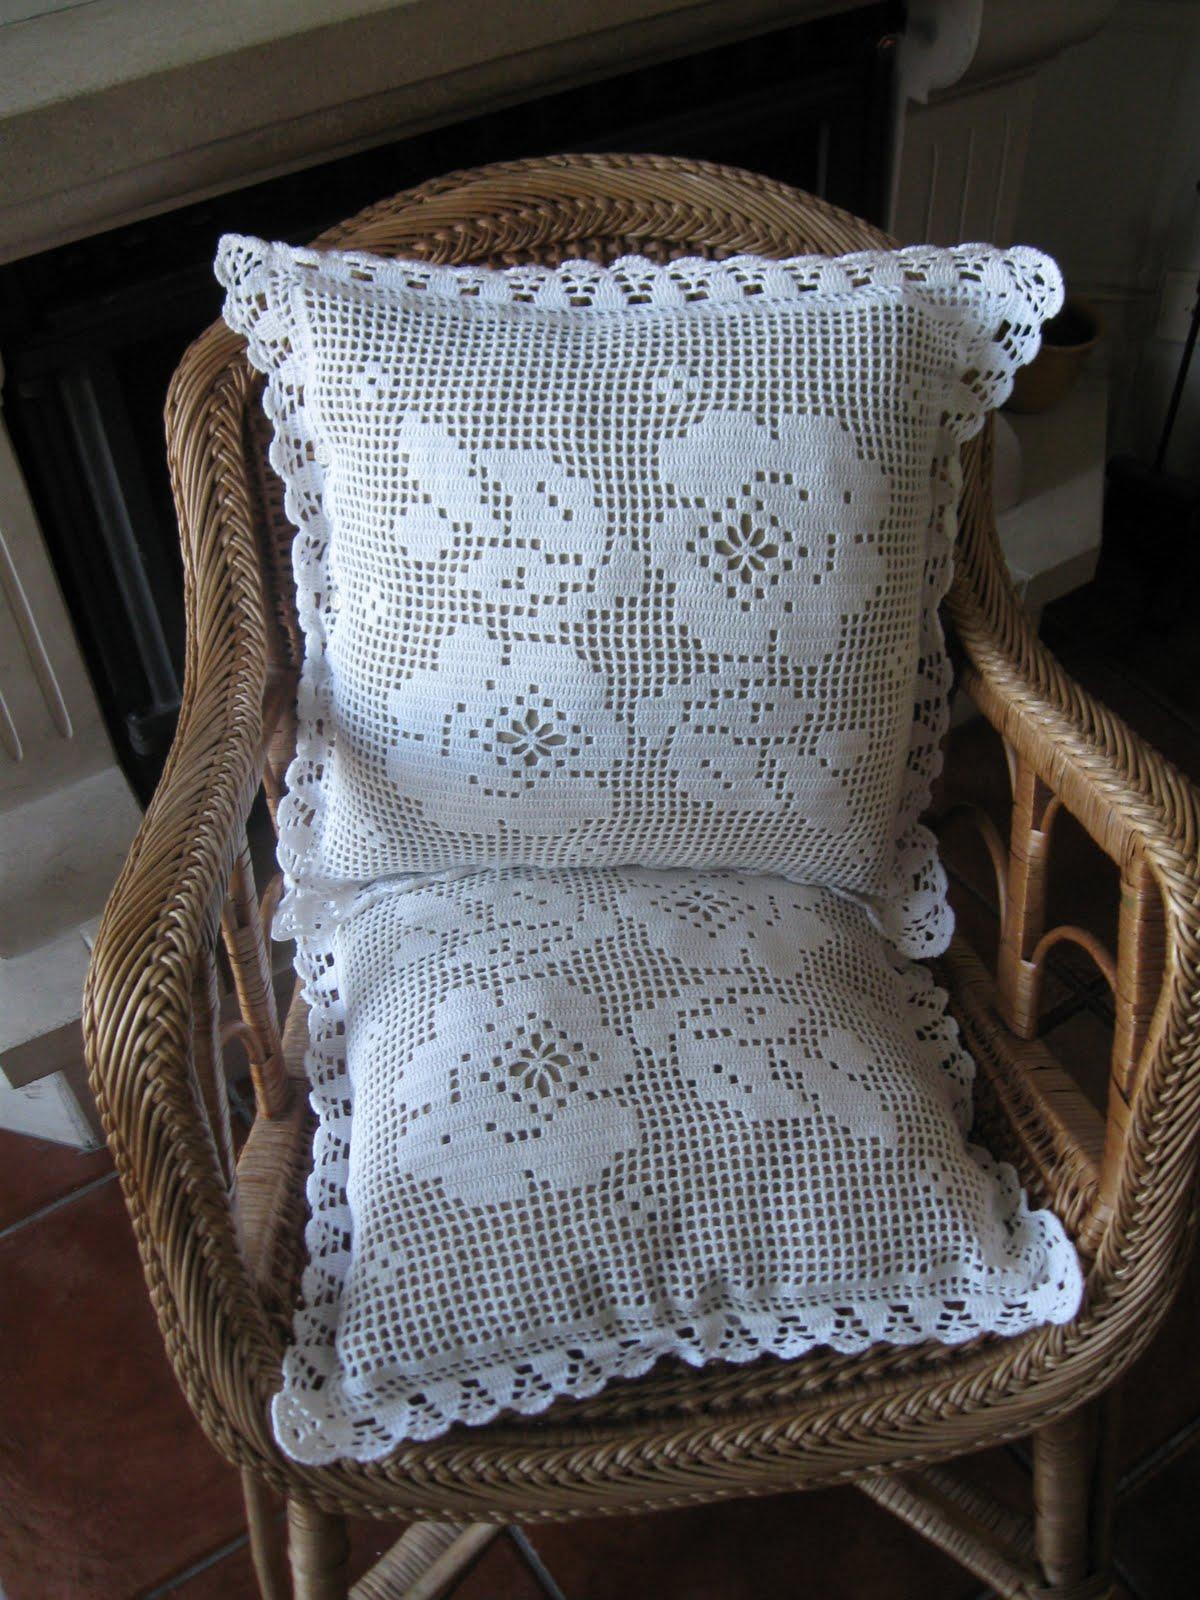 nosso blog somente divulga imagens de lindos modelos de almofadas em